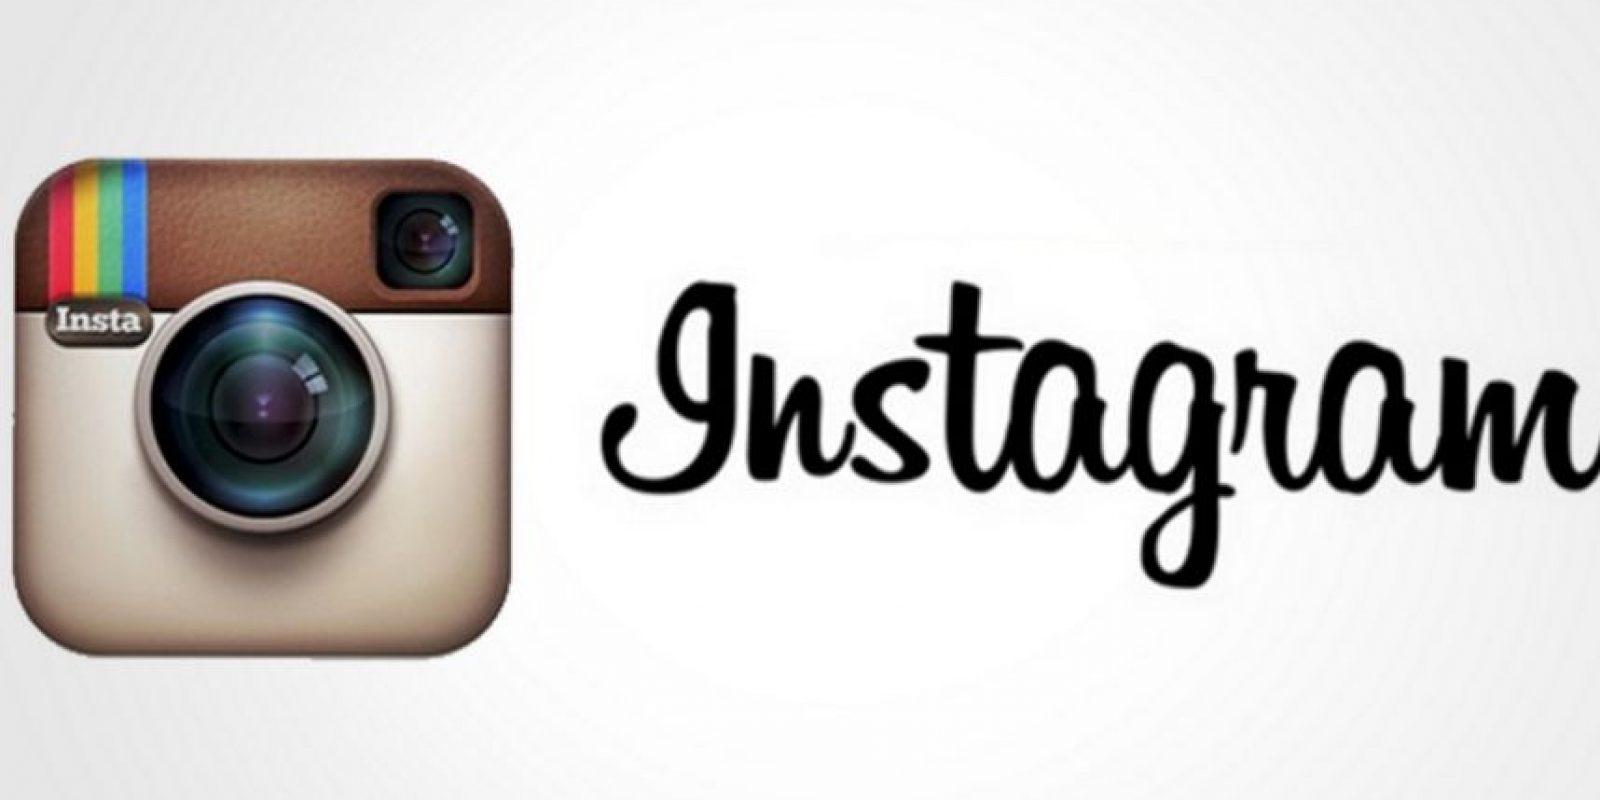 En agosto de 2012, Zuckerberg compró la app de edición de fotografías por mil millones de dólares. Foto:Instagram